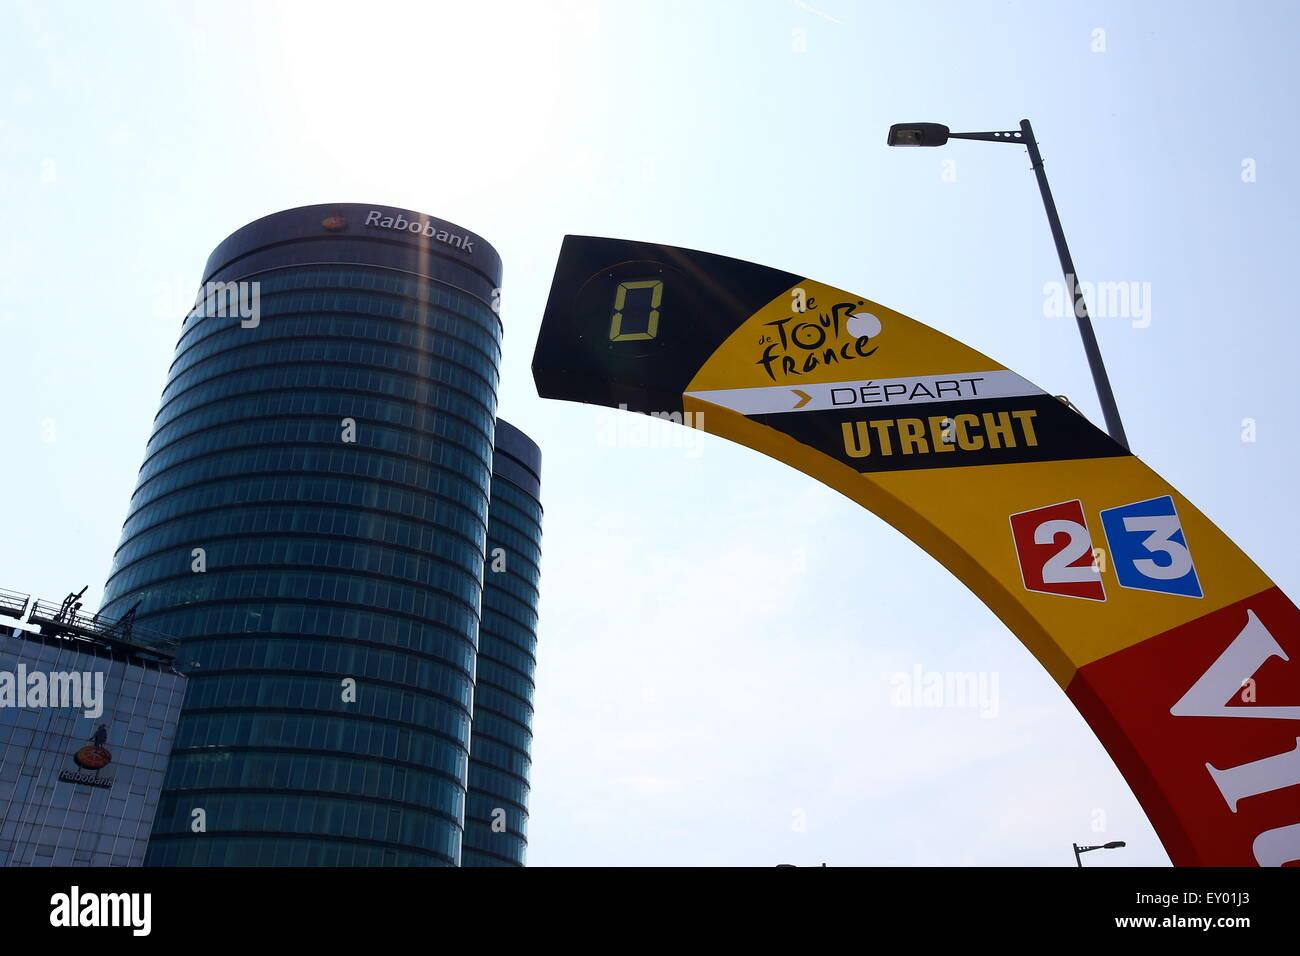 Illustration Depart - 05.07.2015 - Etape 2 Utrecht/Zelande - Tour de France 2015.Photo : Manuel Blondeau/Icon Sport - Stock Image